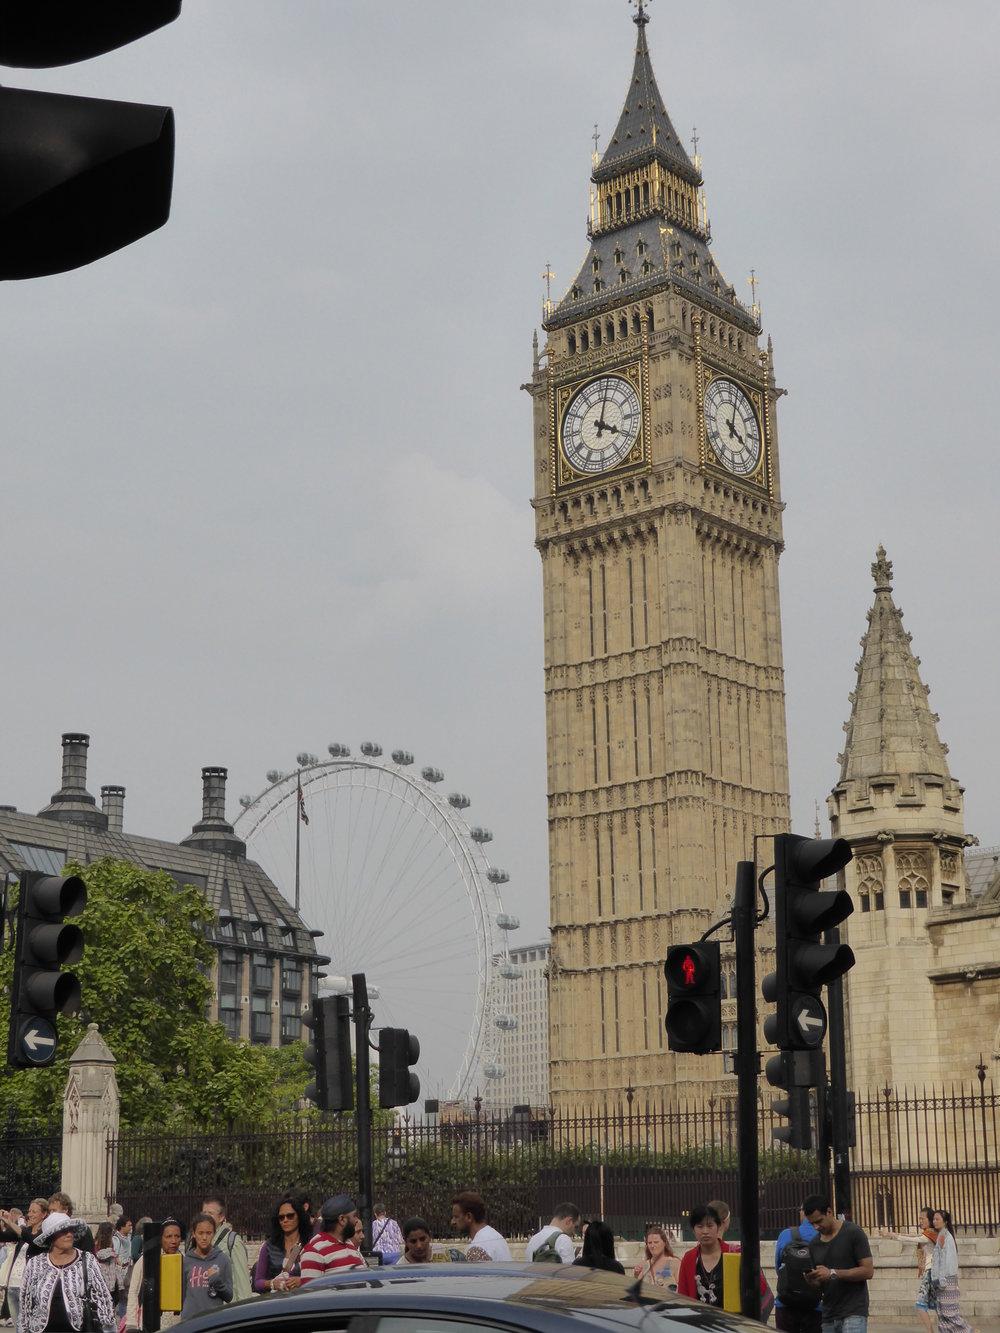 LondonCotswoldsBlackForest 403